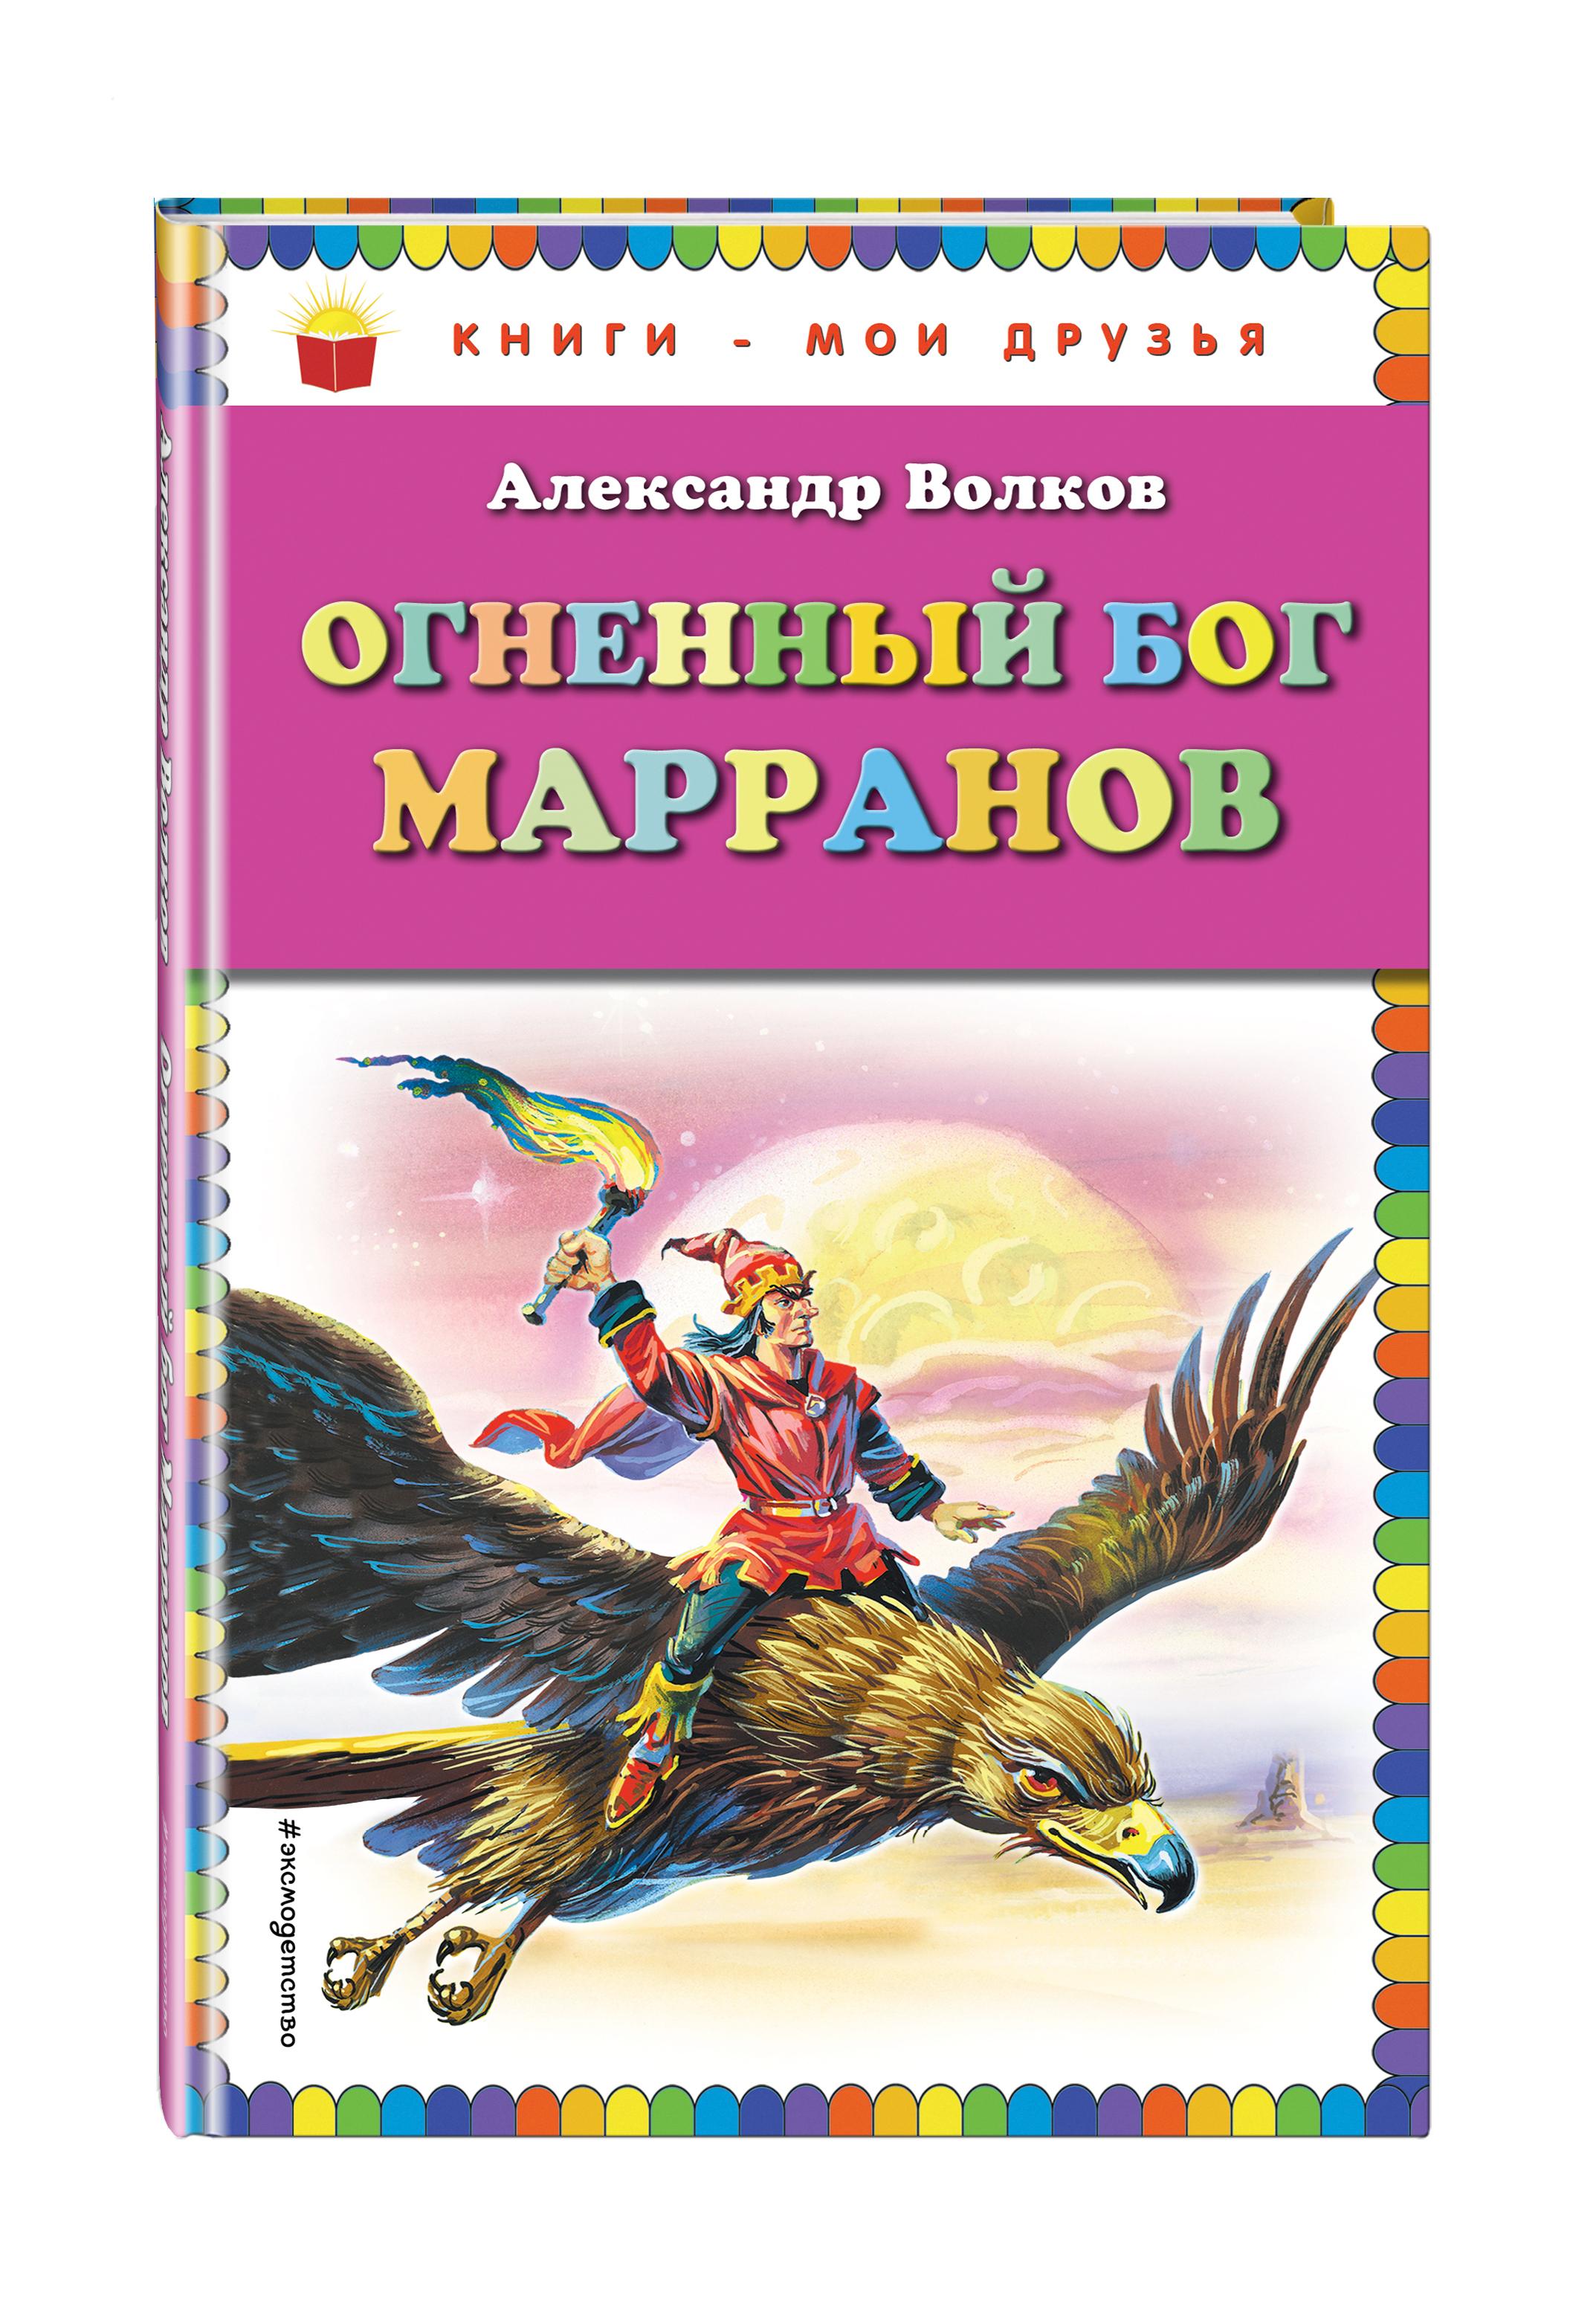 Огненный бог Марранов (ил. В. Канивца)